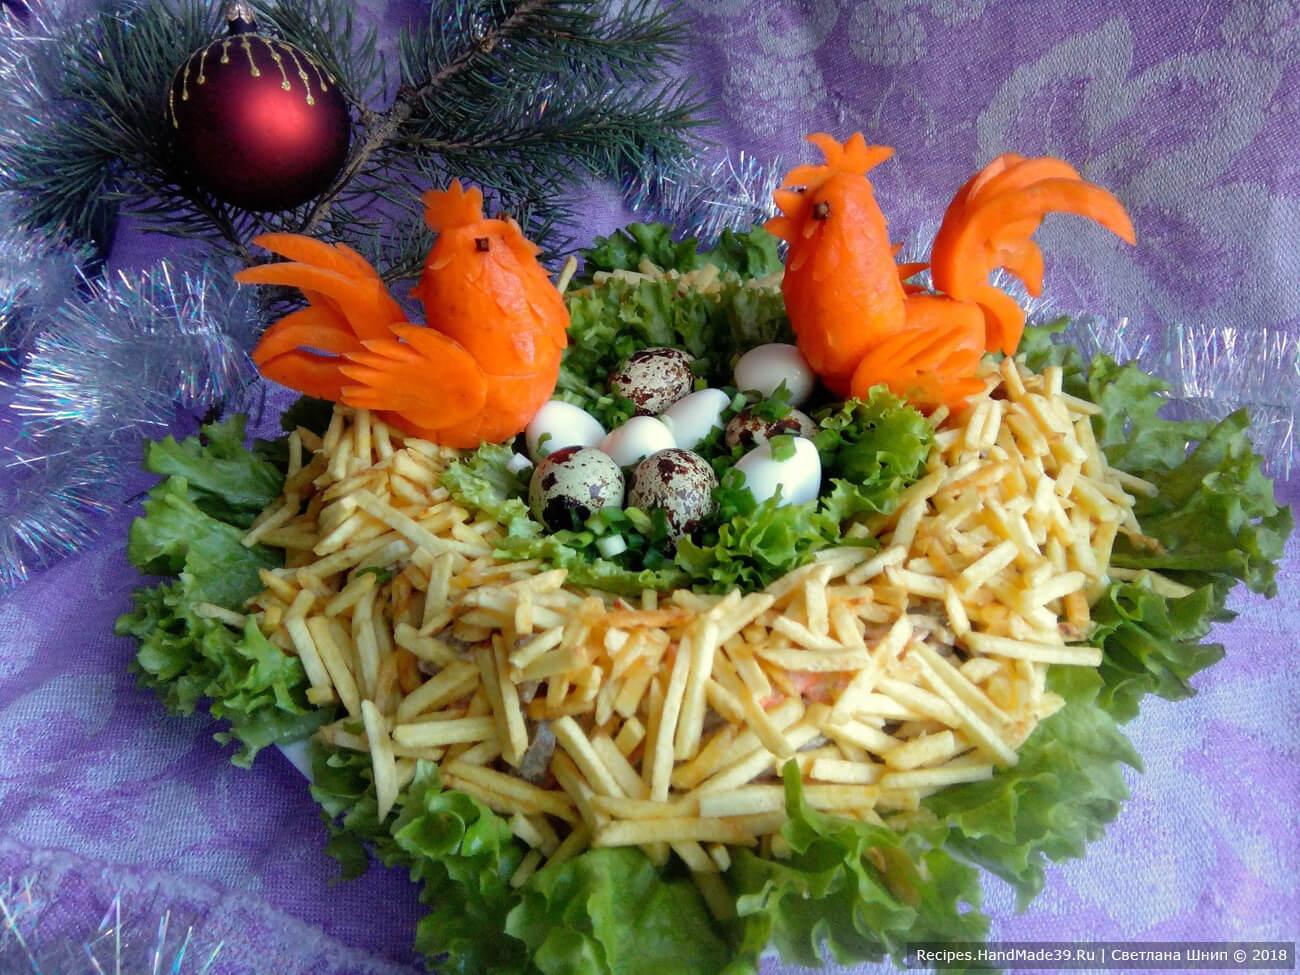 Как сделать салат из куриных желудков «Гнездо» с яйцами, грибами, овощами и картофелем фри – пошаговый рецепт с фото